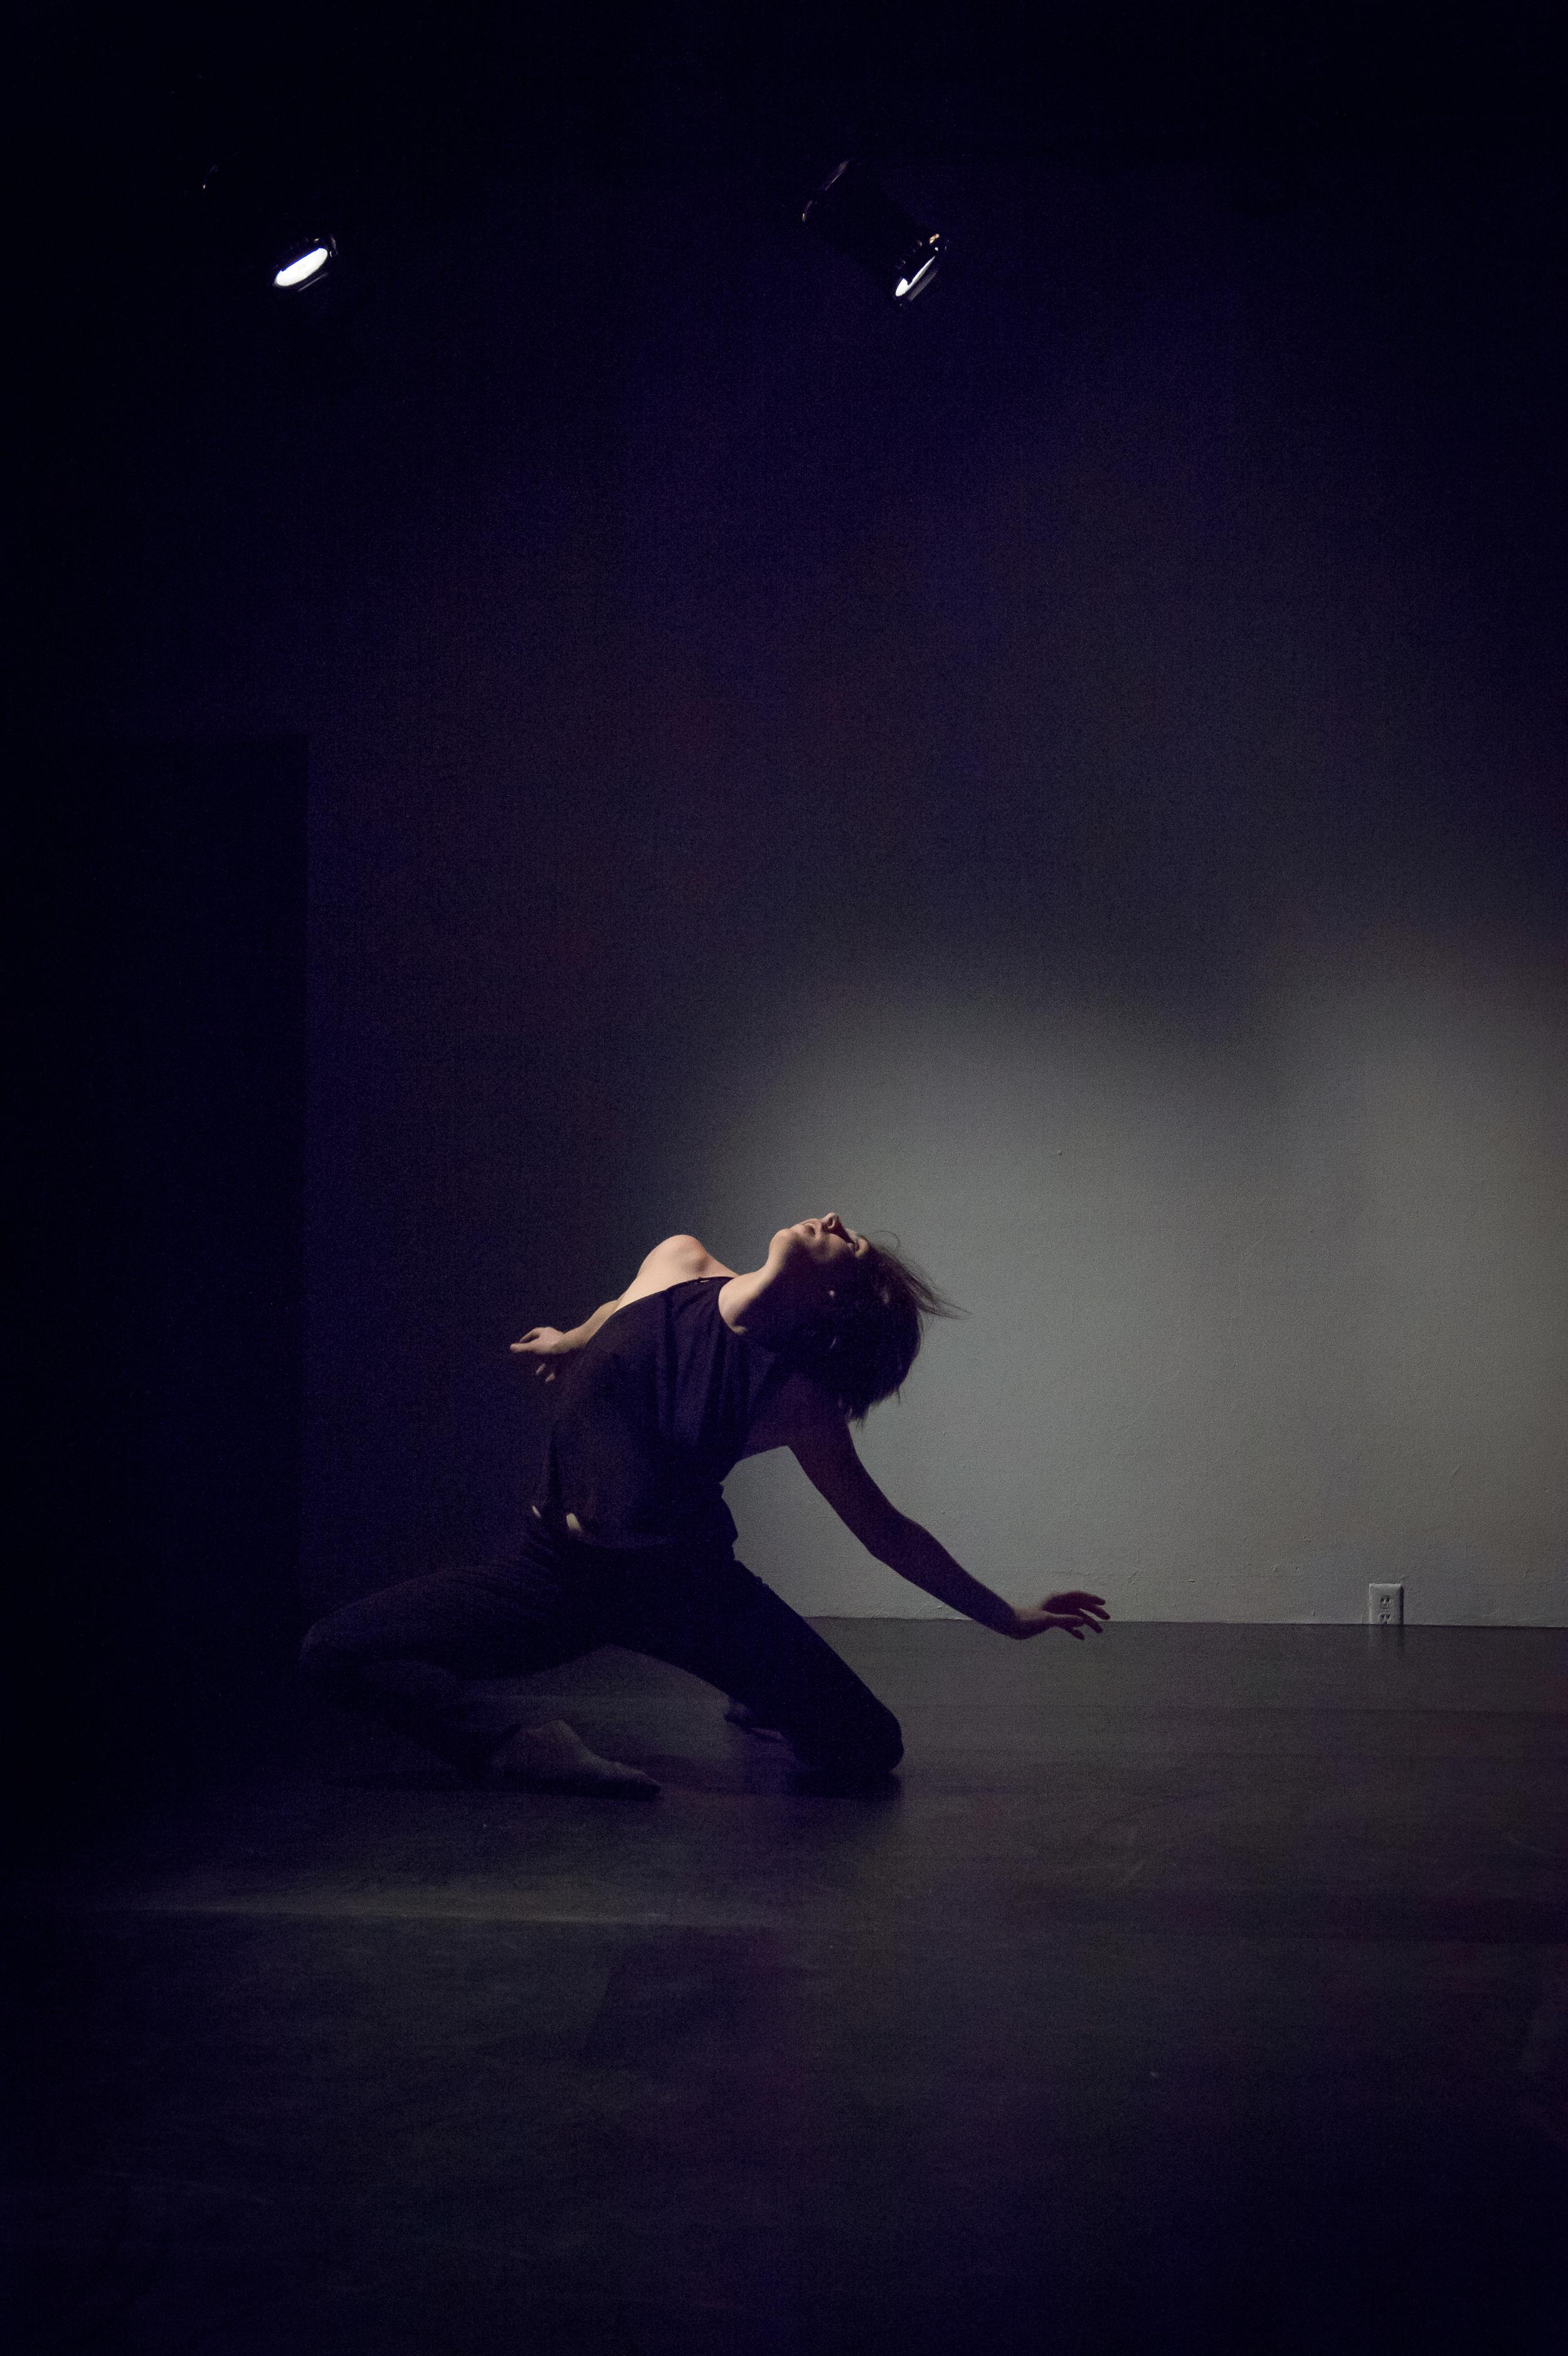 Nicole von Arx. August 2014. Photo: Corey Melton.